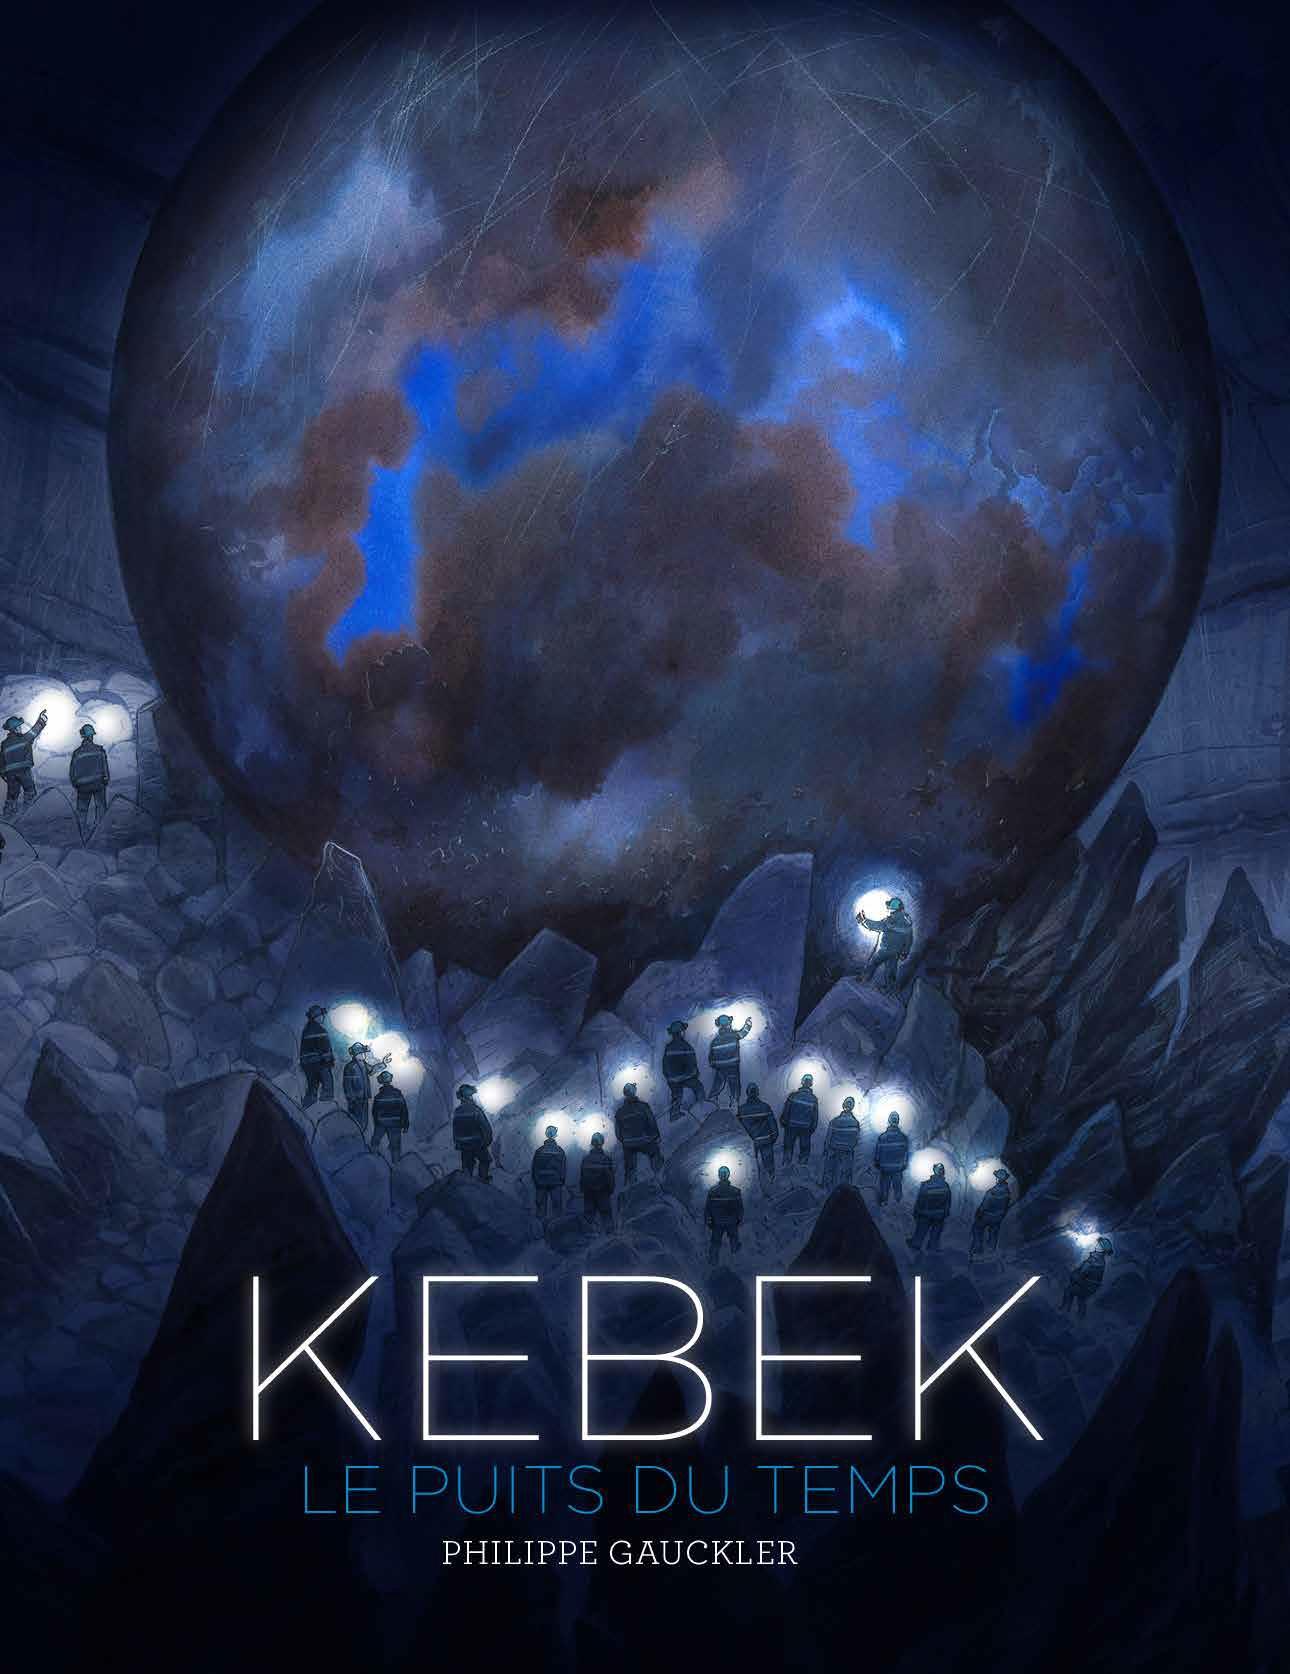 """Résultat de recherche d'images pour """"kebek gauckler"""""""